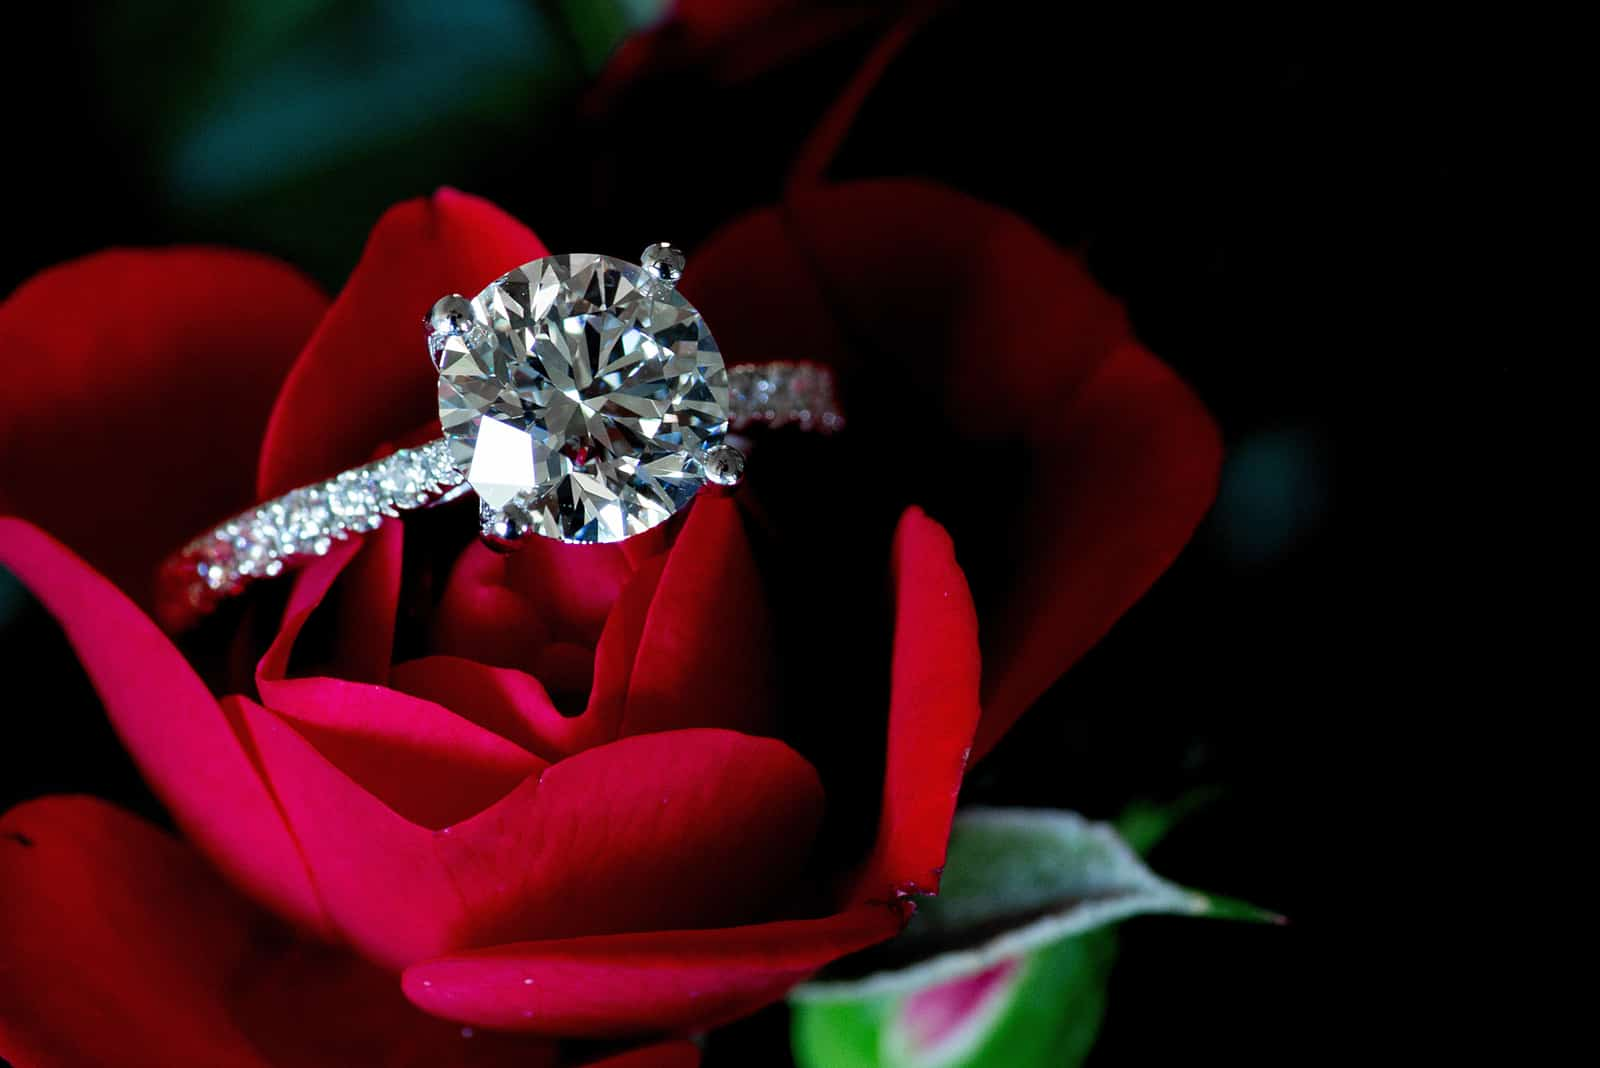 Platin-Diamantring auf roter Rose